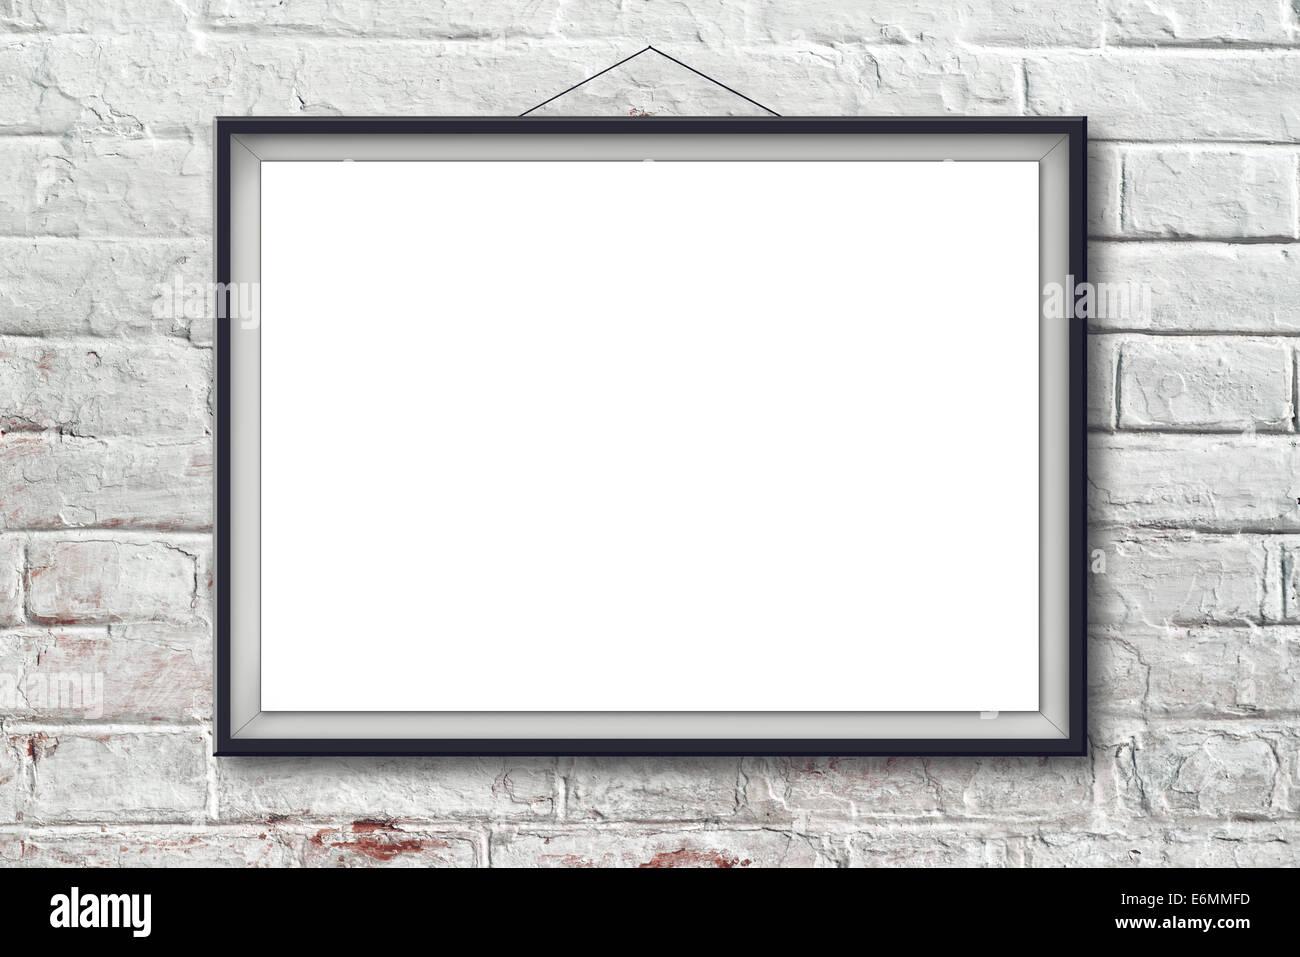 Leere horizontale Malerei Poster in schwarzen Rahmen hängen weiße ...